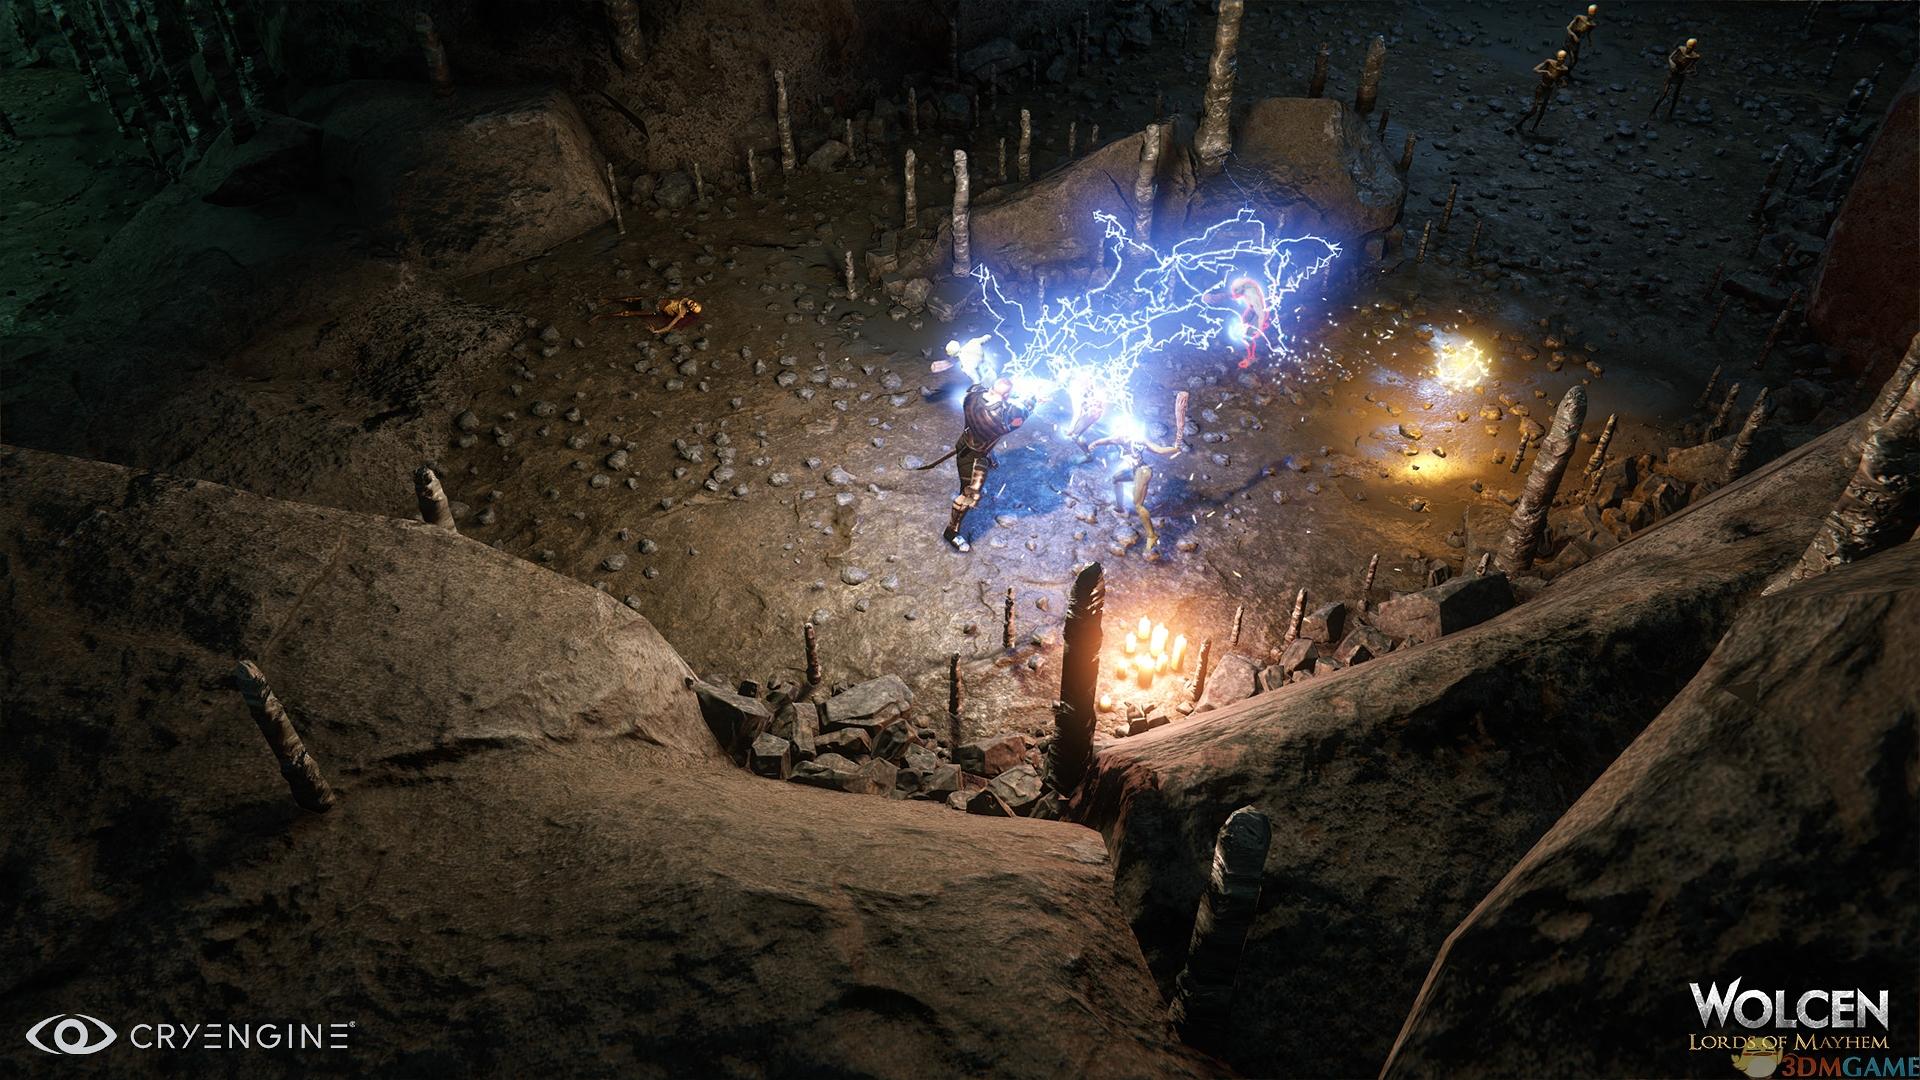 《破坏领主》全剧情流程视频攻略 Boss战打法视频